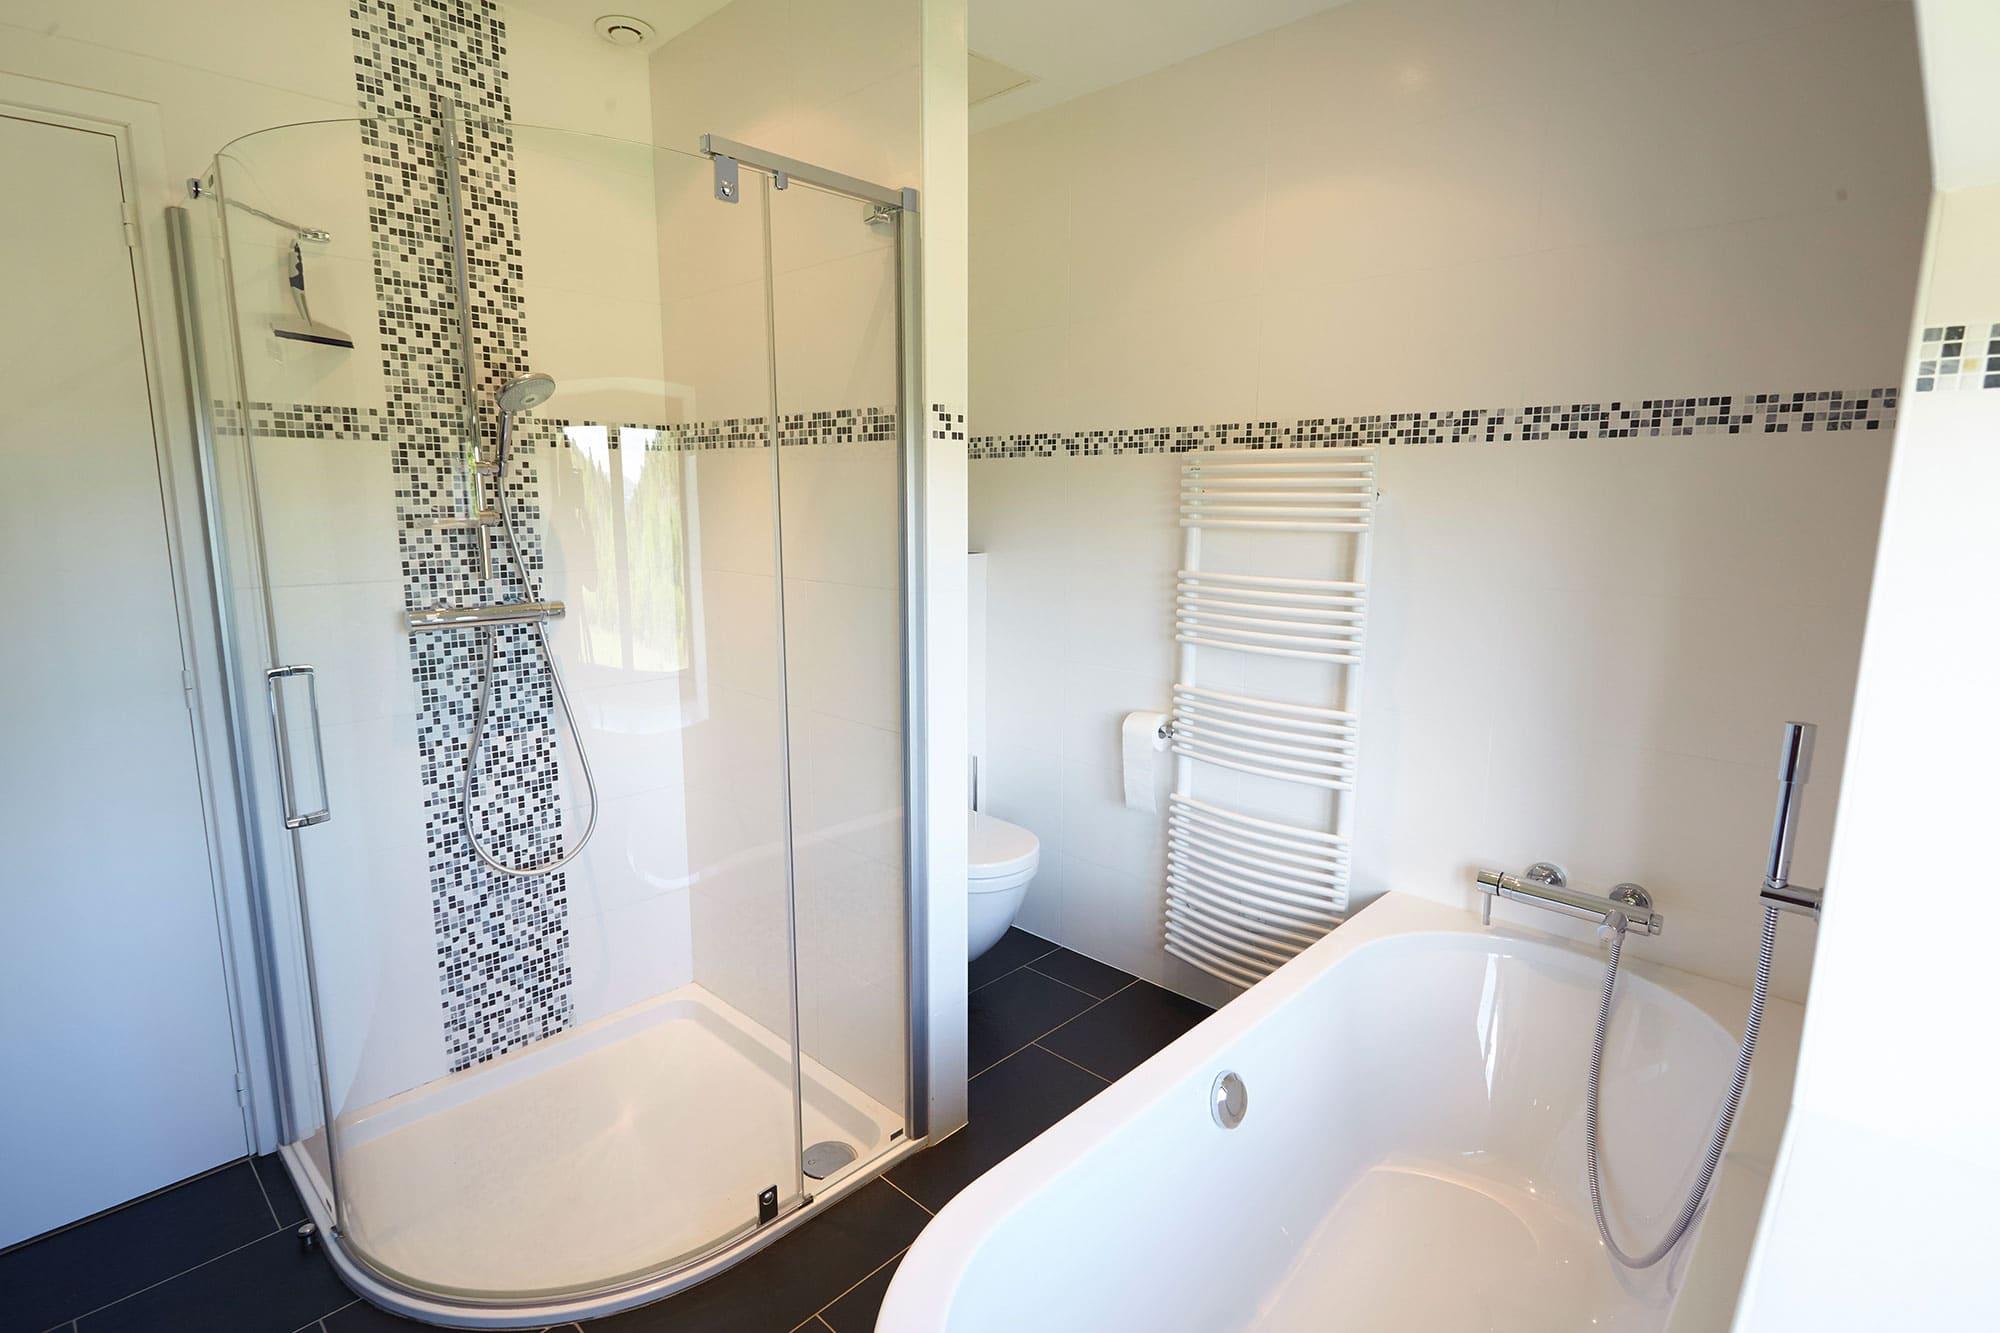 salle-de-bains-gite-jacques-brel-2